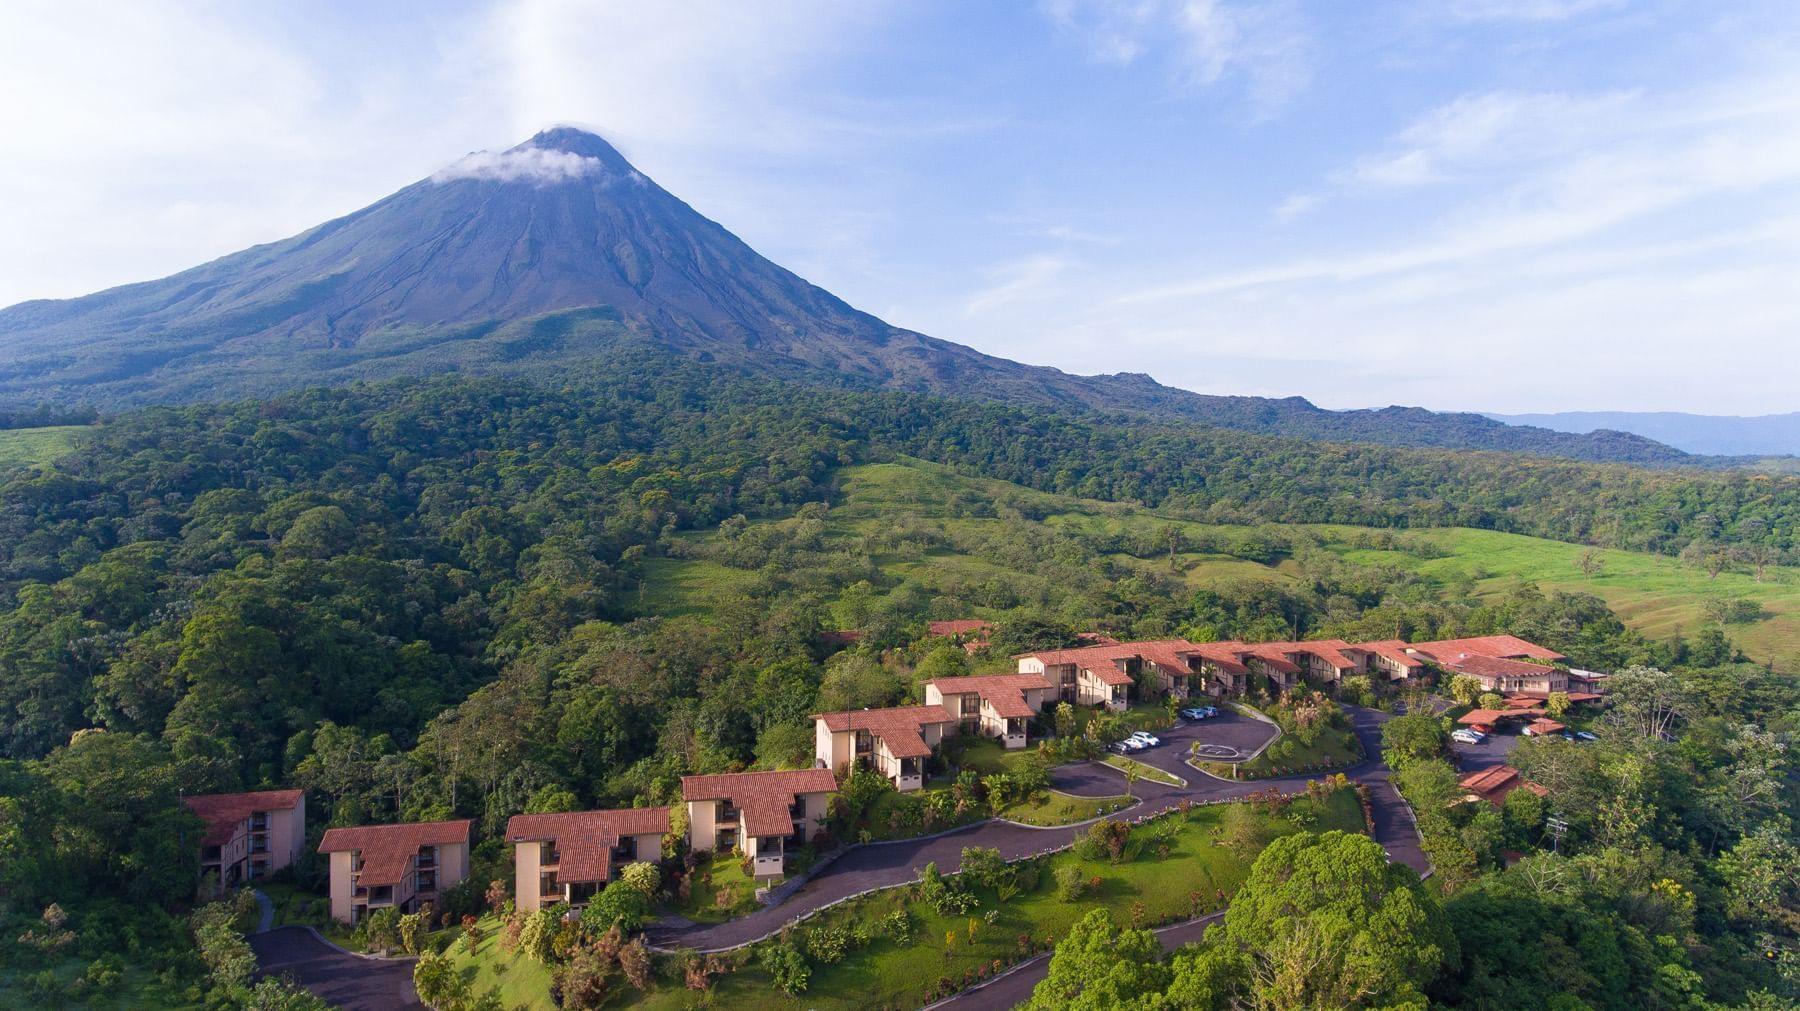 Vista aérea del volcán